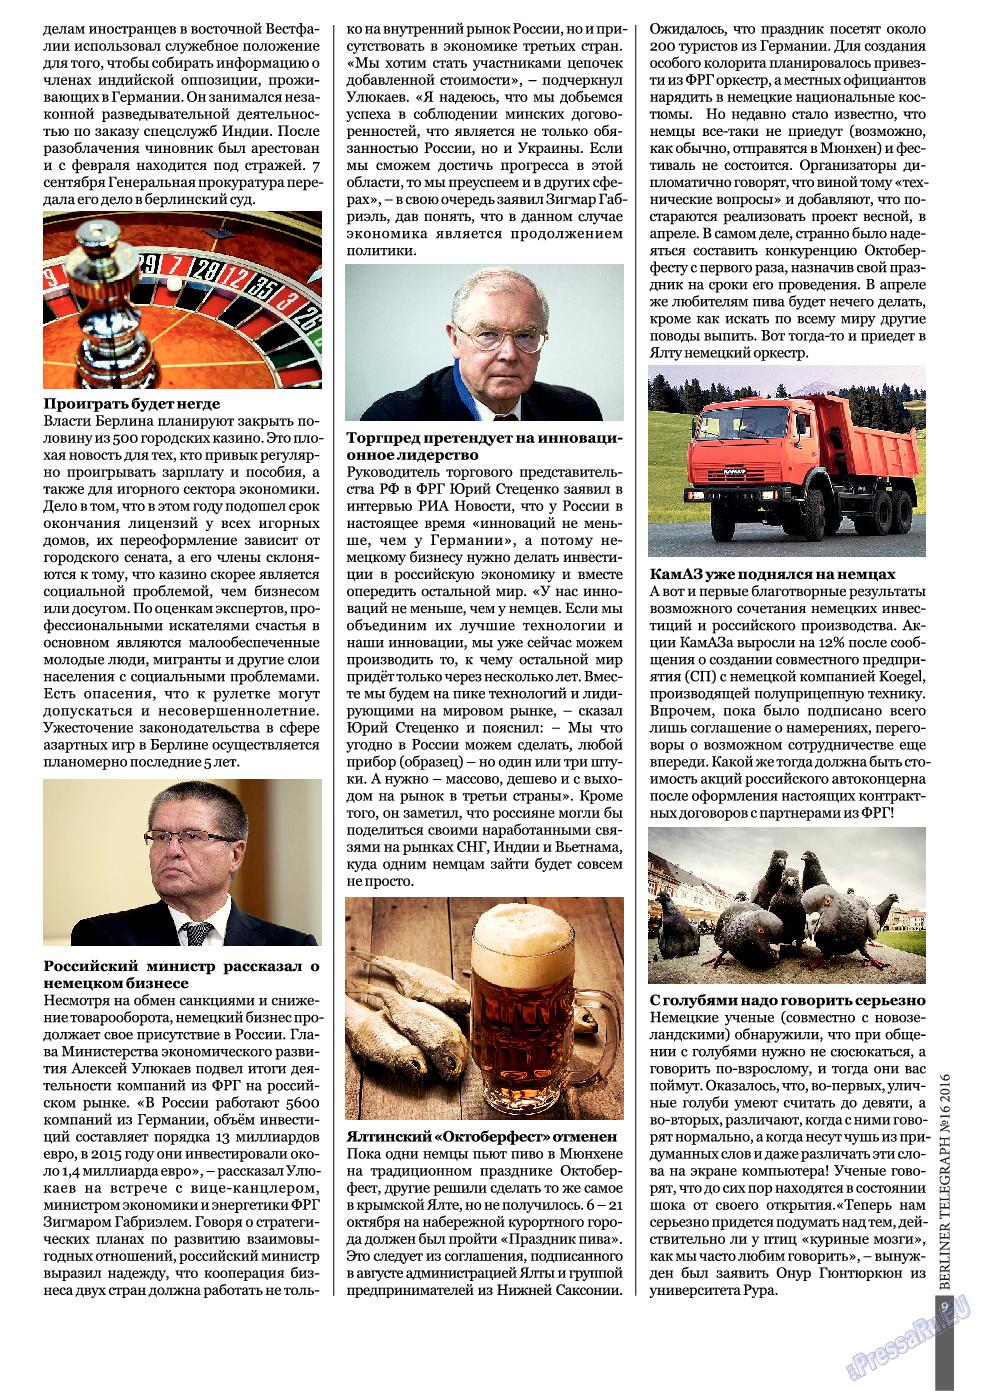 Берлинский телеграф (журнал). 2016 год, номер 16, стр. 9